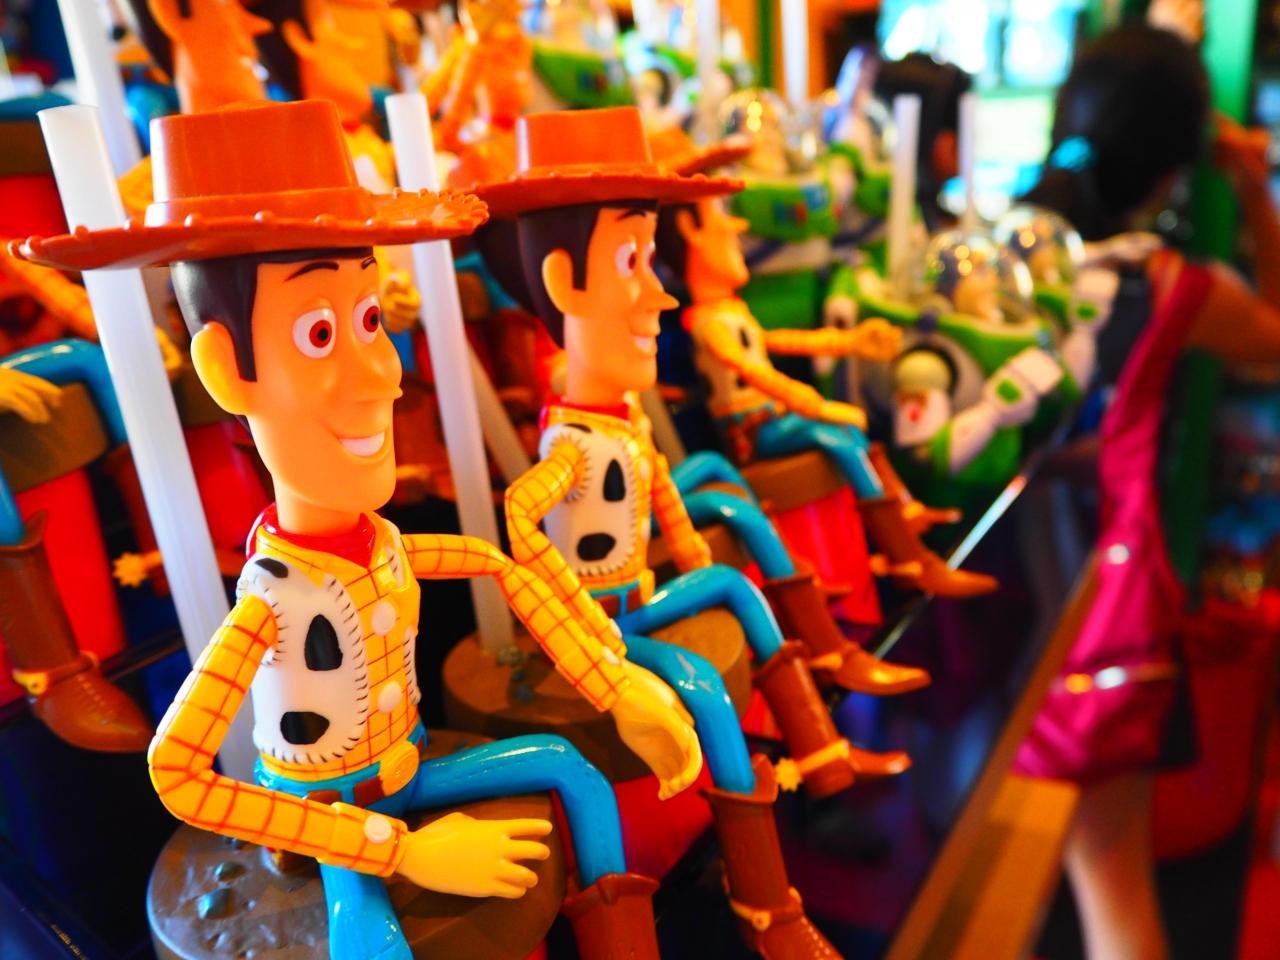 香港ディズニーの限定グッズいろいろ』香港(香港)の旅行記・ブログ by